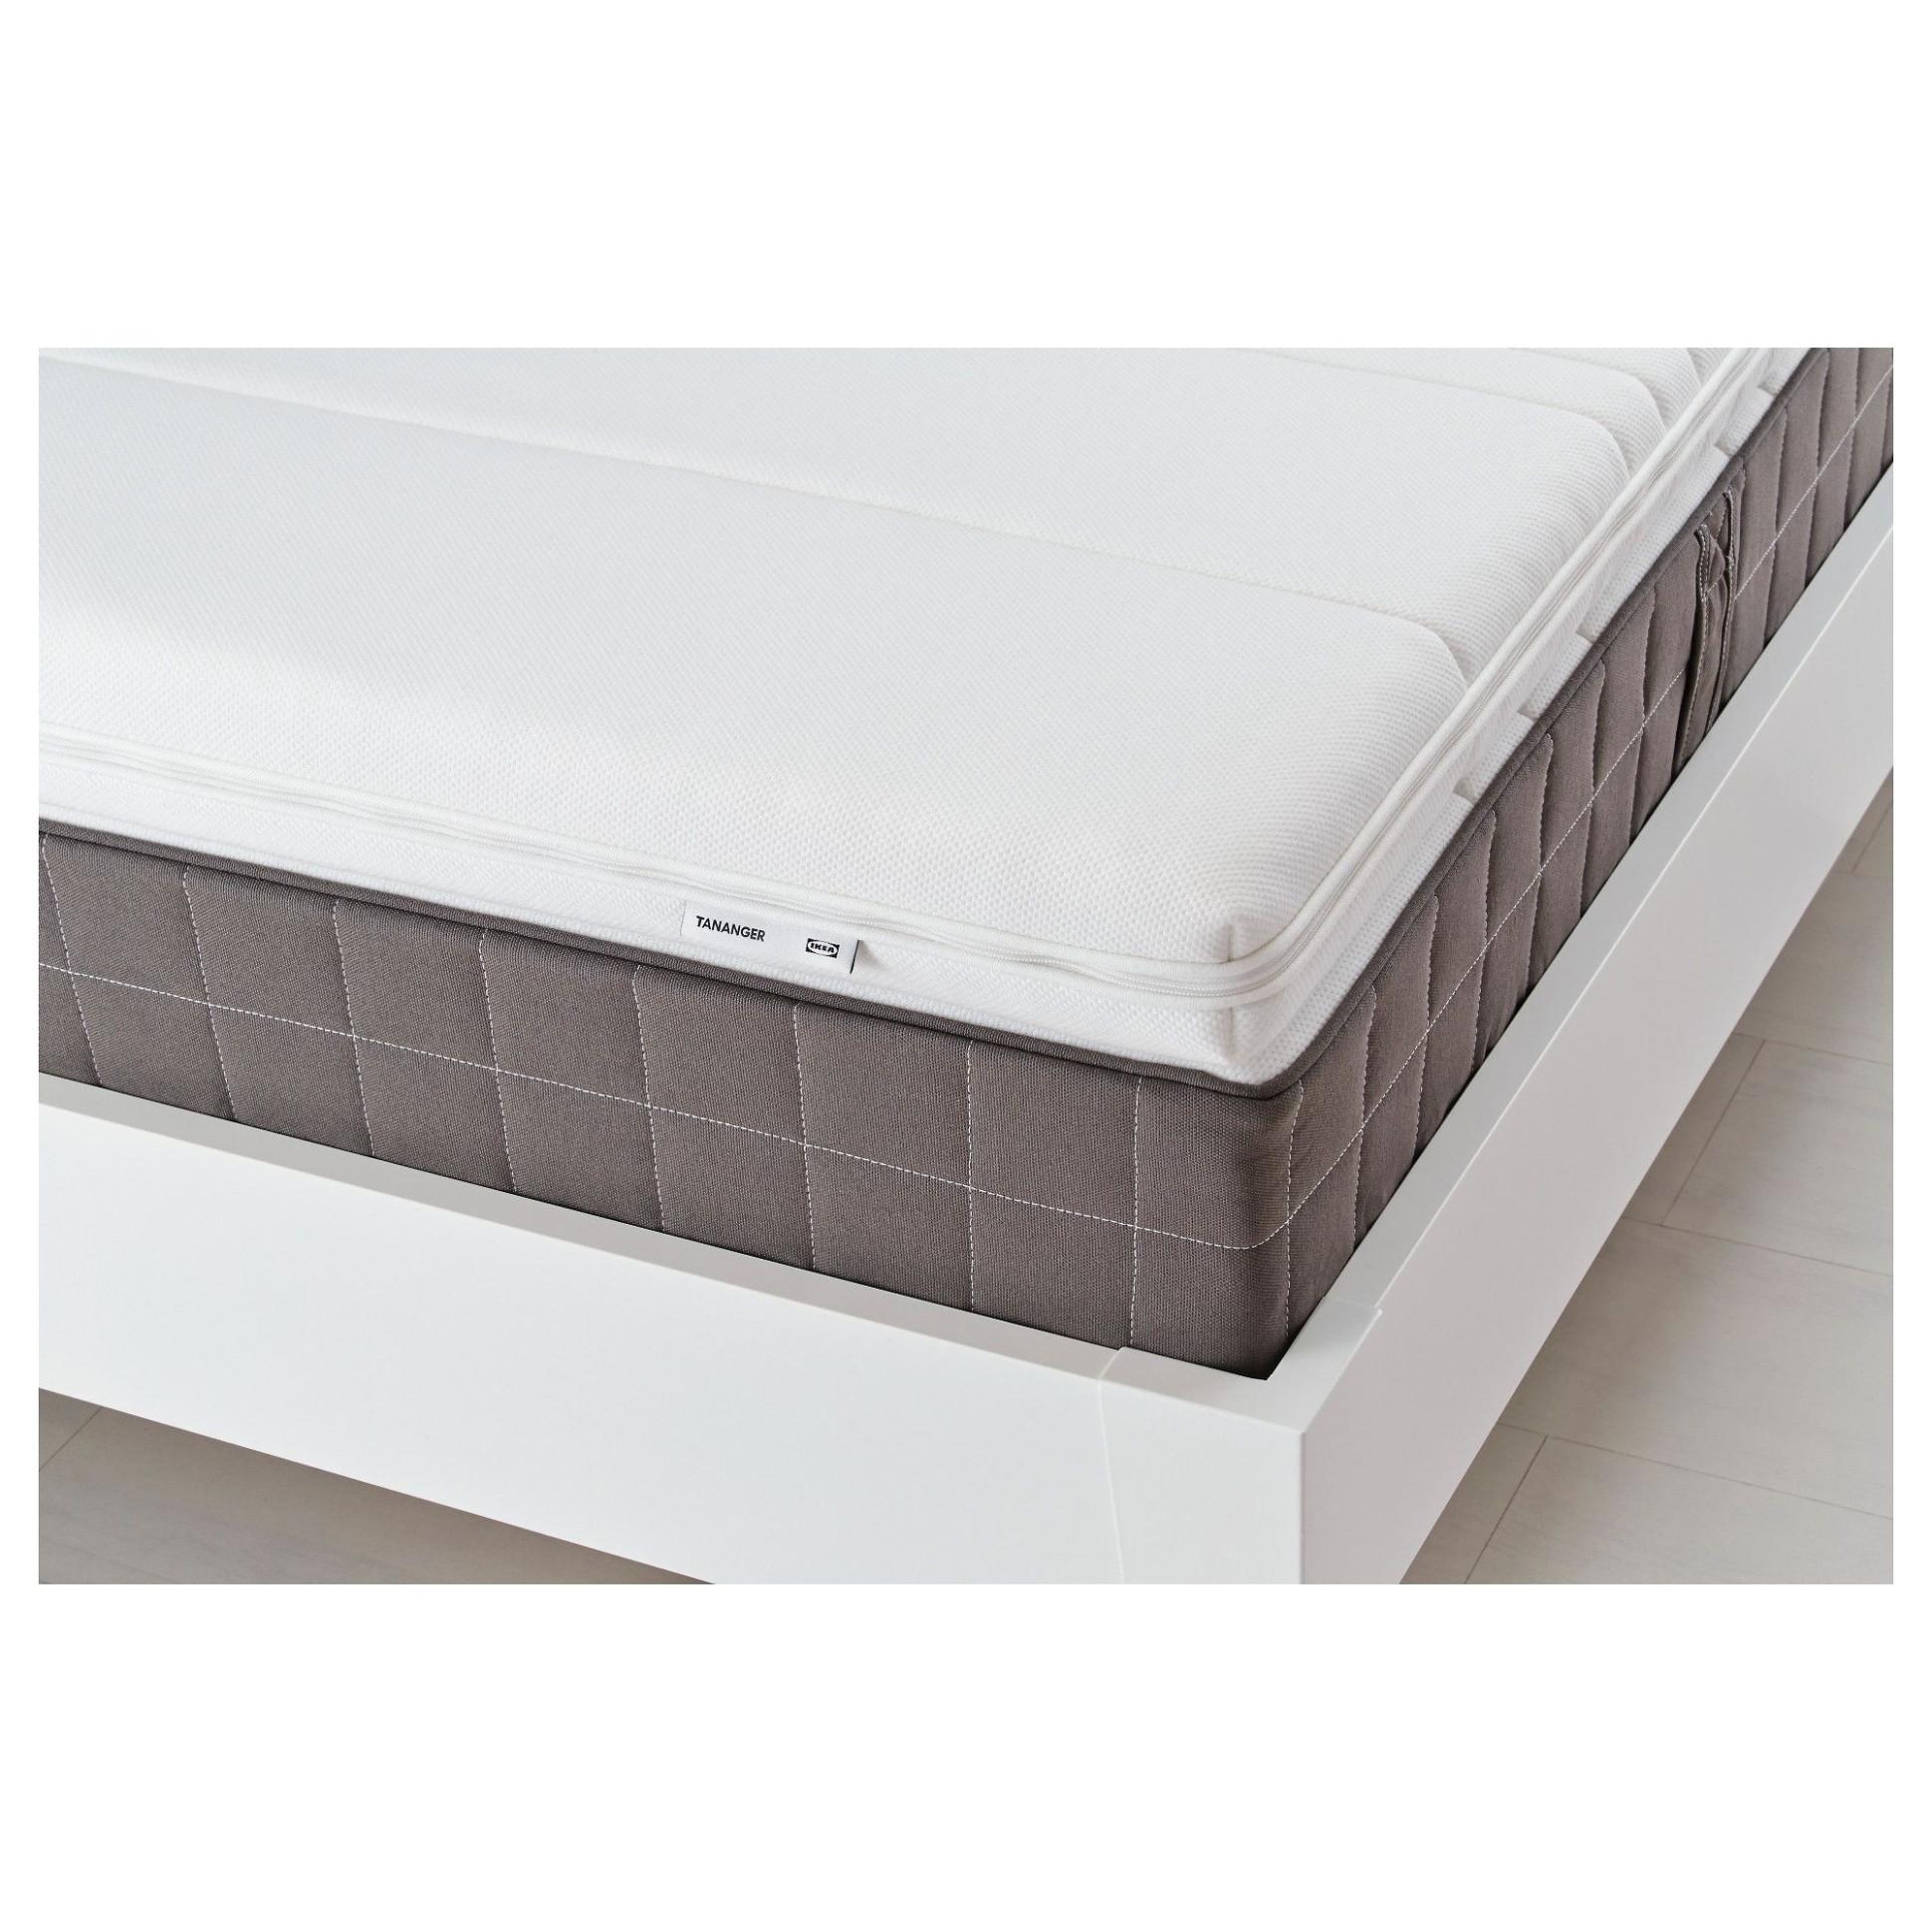 twin xl headboard elegant headboards twin xl headboard elegant bed frames appealing cm twin top